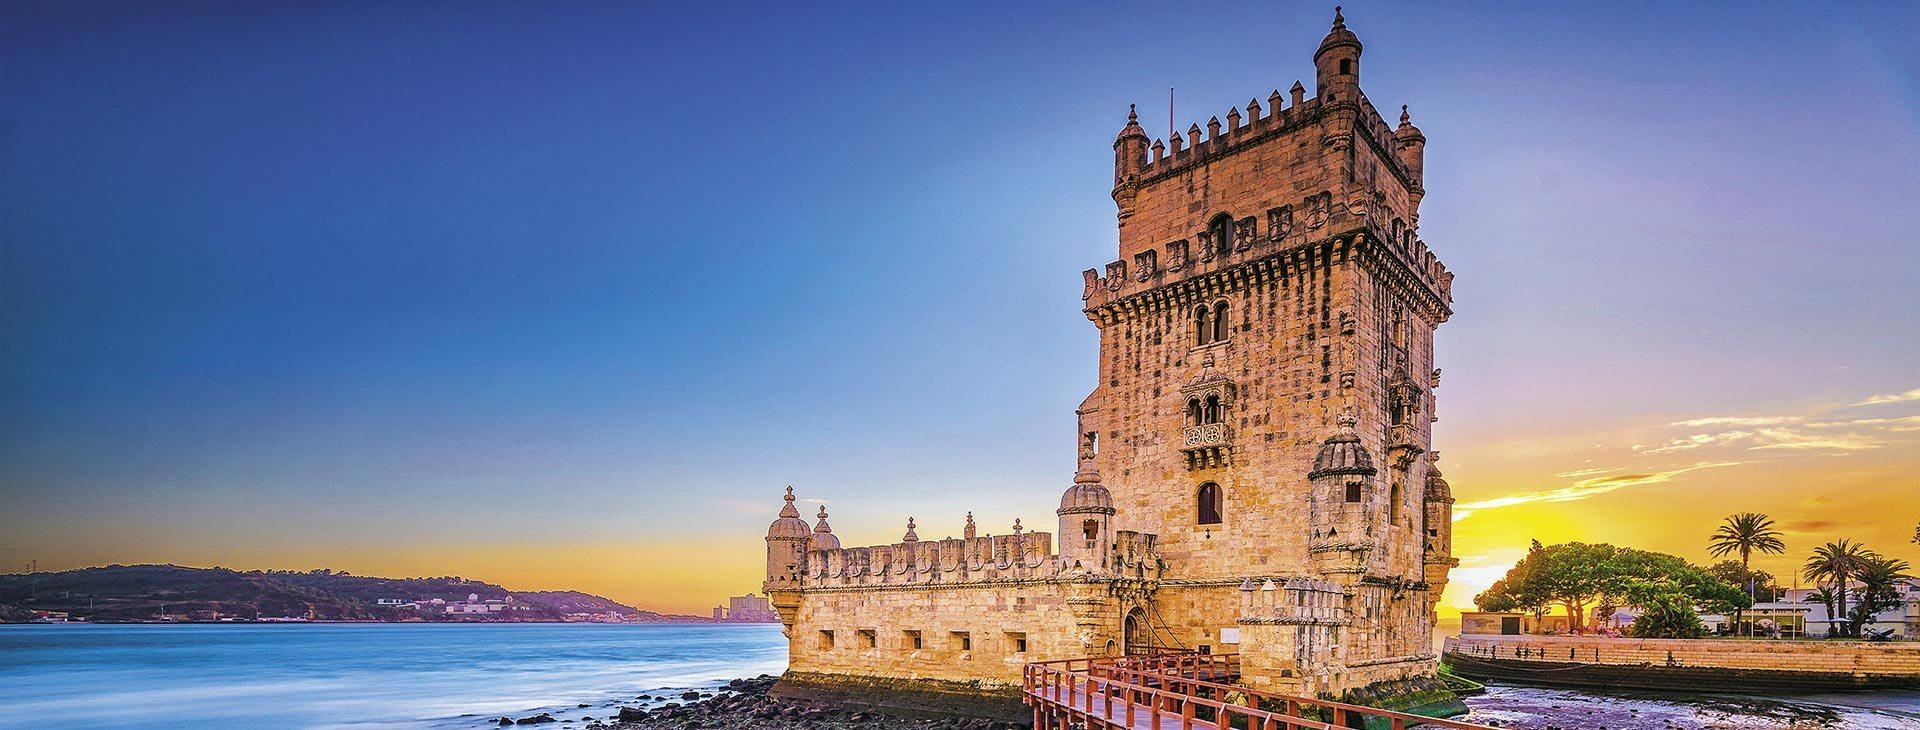 wycieczka objazdowa Tam Gdzie Kiedyś Kończył Świat - Portugalia i Gali